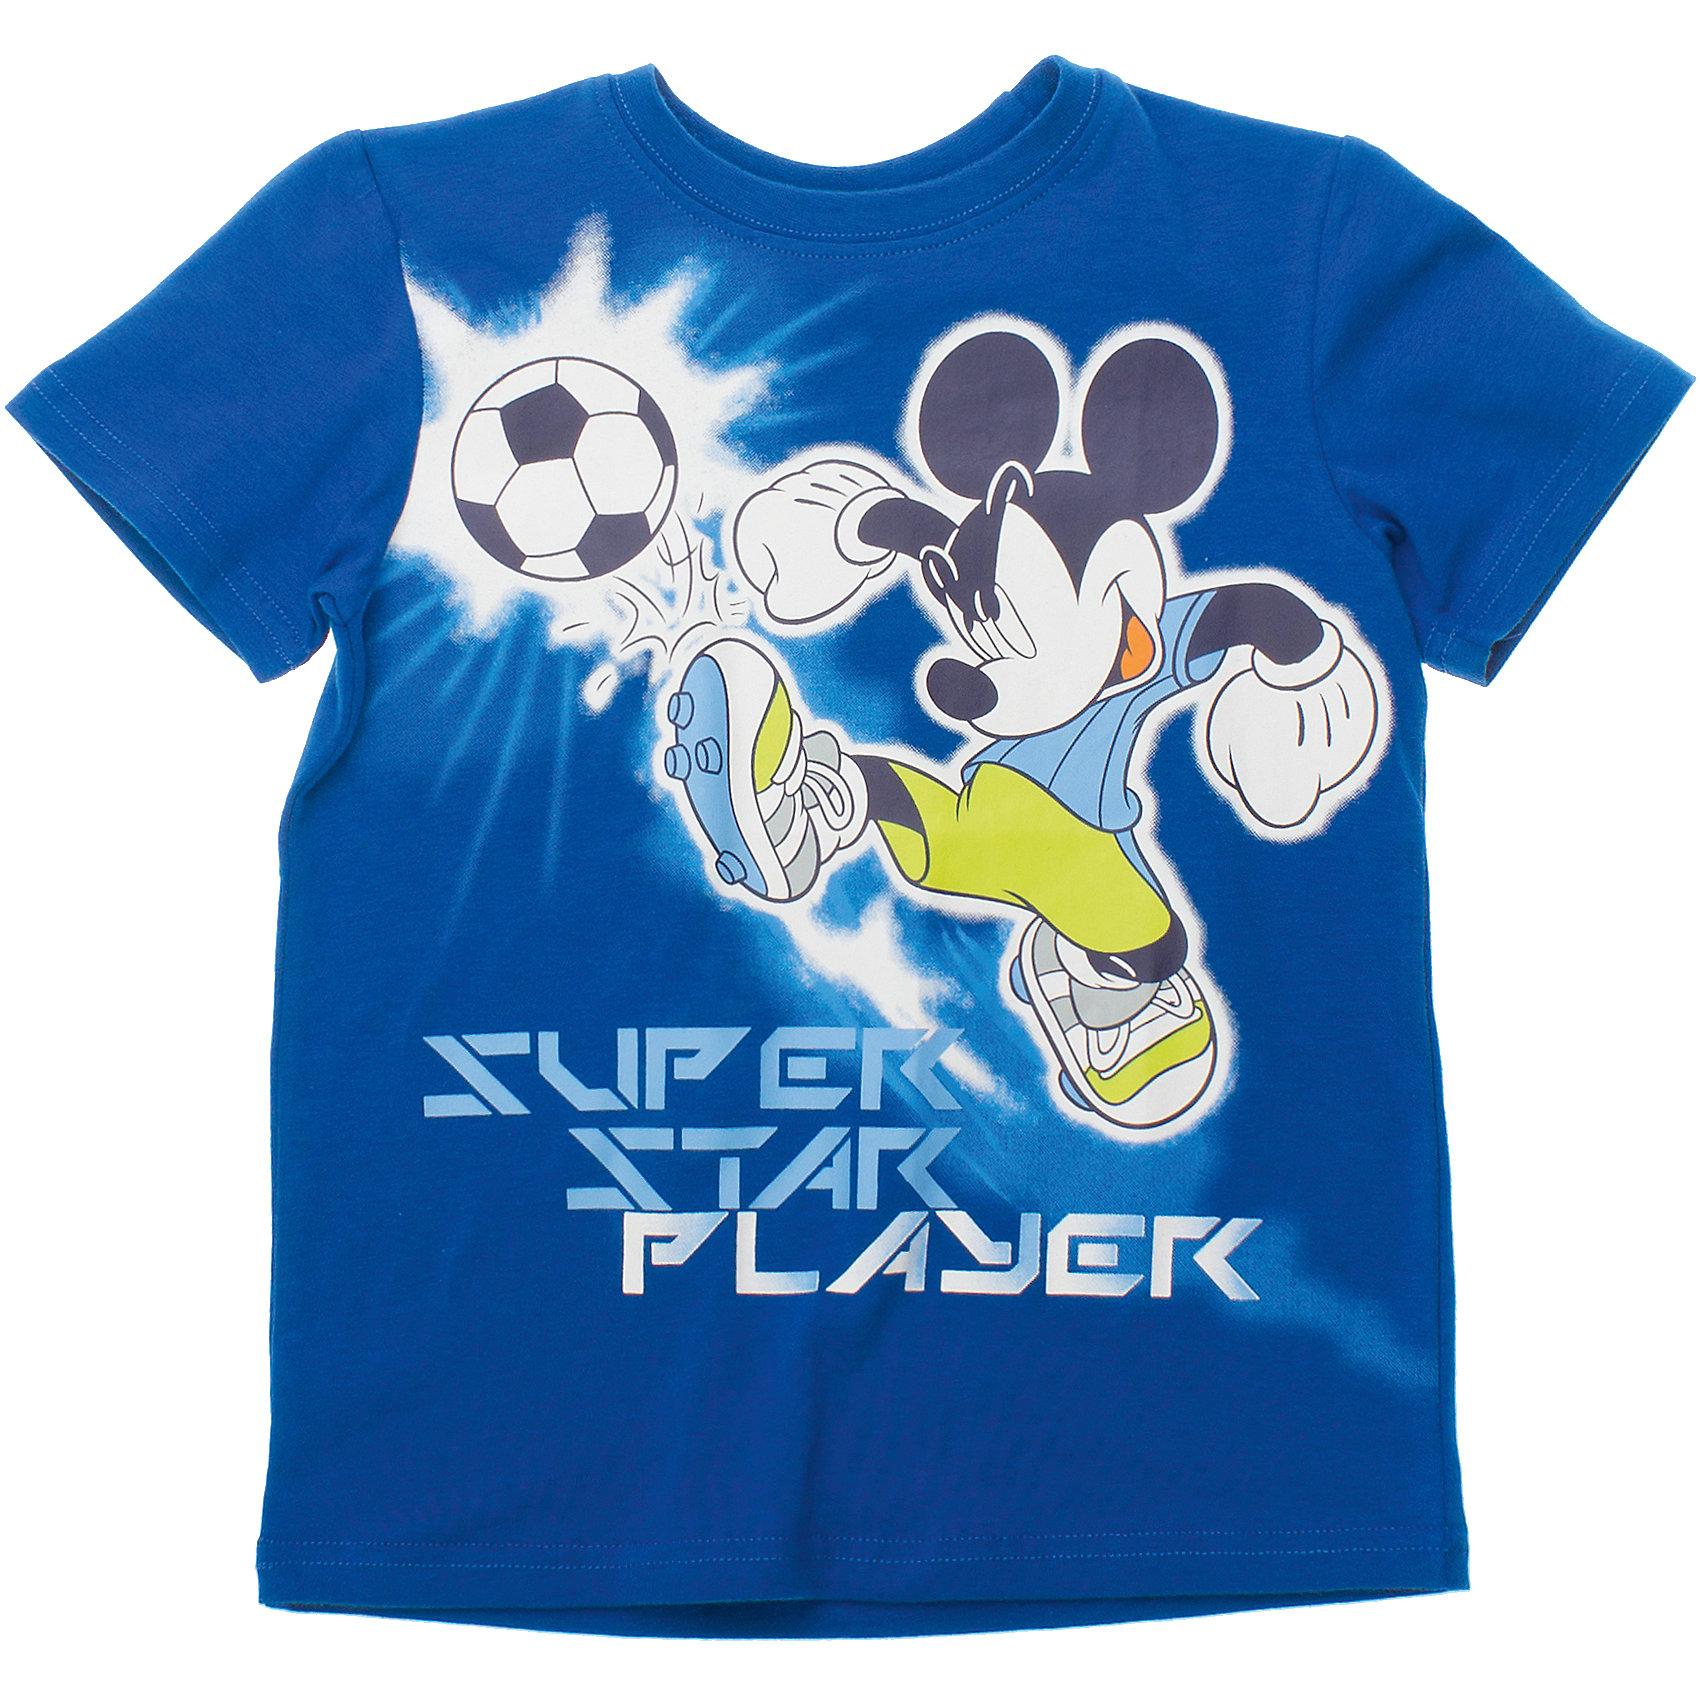 Футболка для мальчика PlayTodayФутболки, поло и топы<br>Футболка для мальчика PlayToday <br><br>Состав: 95% хлопок, 5% эластан <br><br>Яркая футболка в спортивном стиле из органического хлопка. <br>Принт по лицензии Disney.<br><br>Ширина мм: 199<br>Глубина мм: 10<br>Высота мм: 161<br>Вес г: 151<br>Цвет: синий<br>Возраст от месяцев: 84<br>Возраст до месяцев: 96<br>Пол: Мужской<br>Возраст: Детский<br>Размер: 122,104,98,110,116,128<br>SKU: 4503480